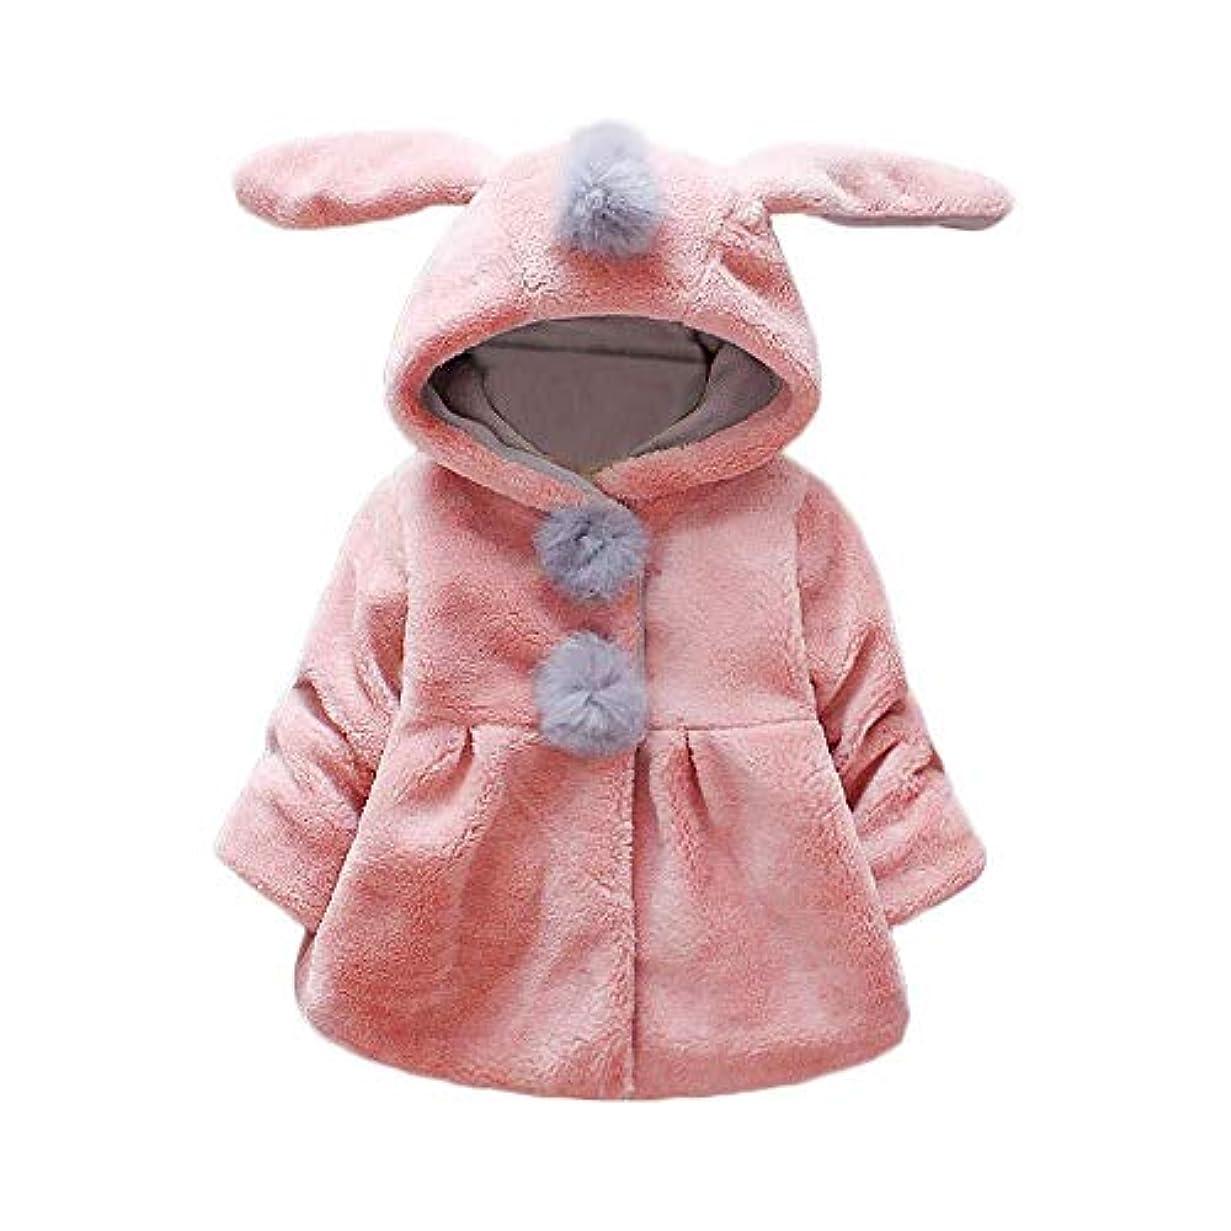 お手伝いさん近代化する申込みLaisla fashion ベビーフード付きコートベビー幼児女の子秋冬フード付きコートケープジャケット厚く暖かい服